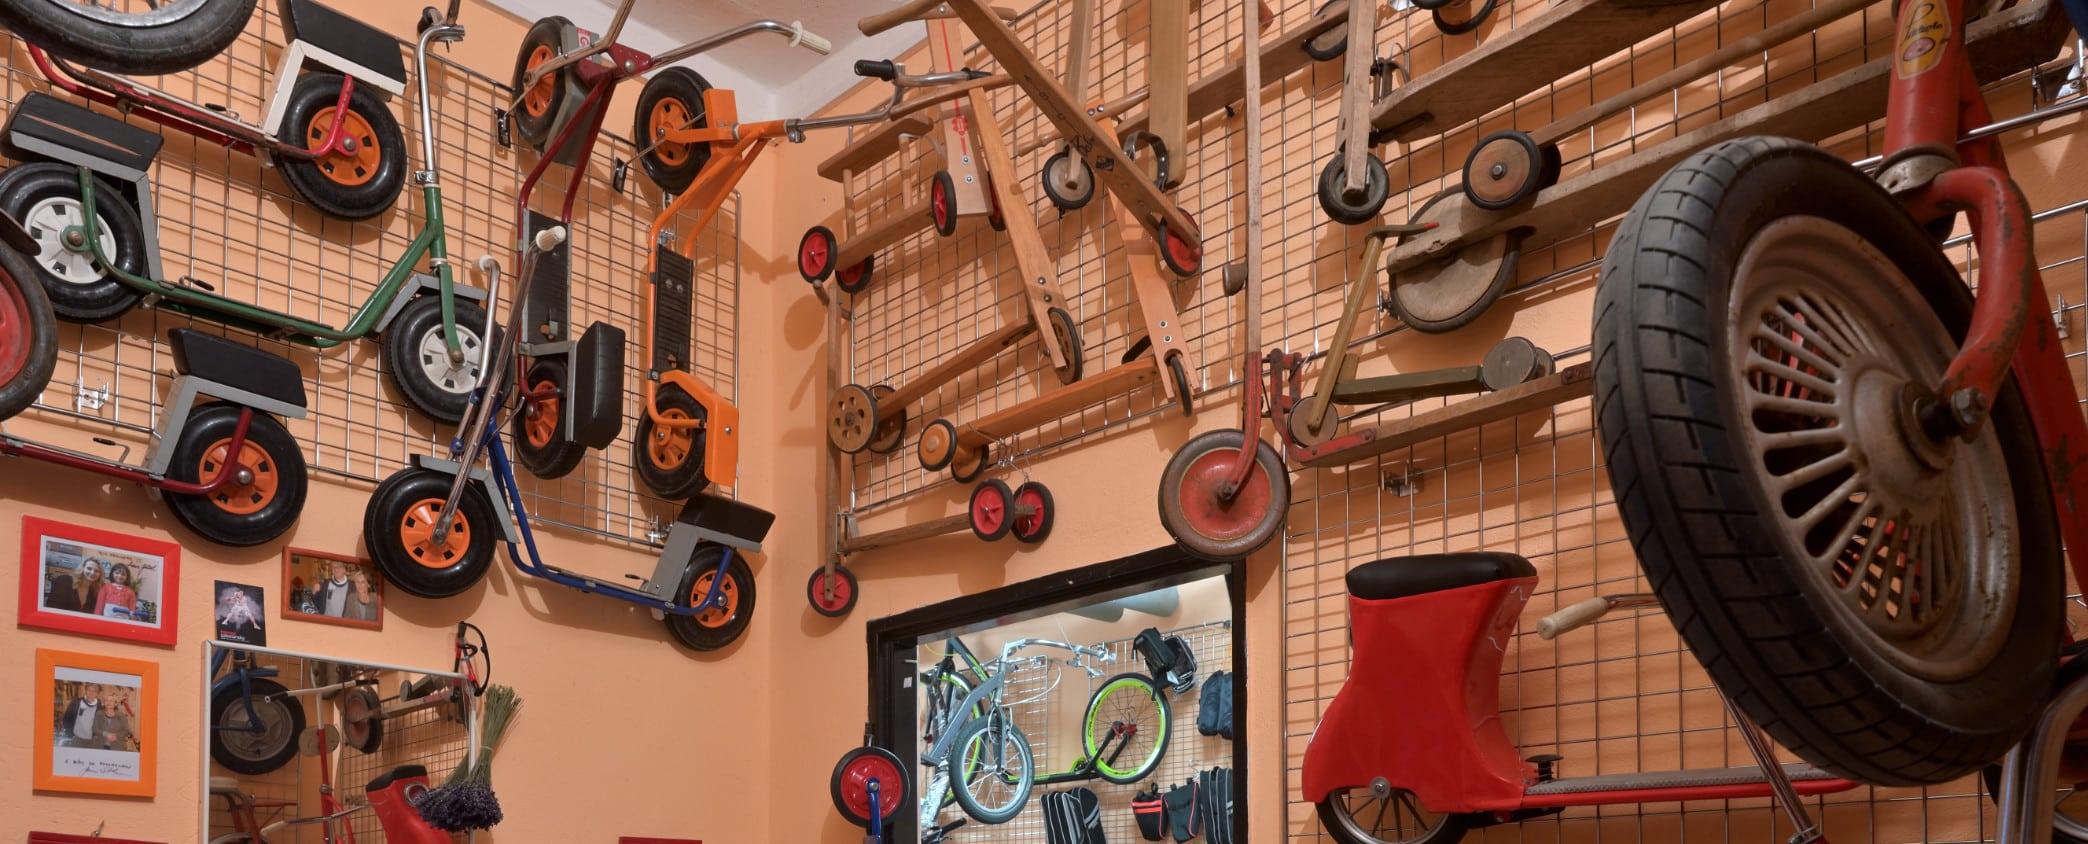 Na návštěvě: Koloběžky Nistler –suterénní koloběžkový svět